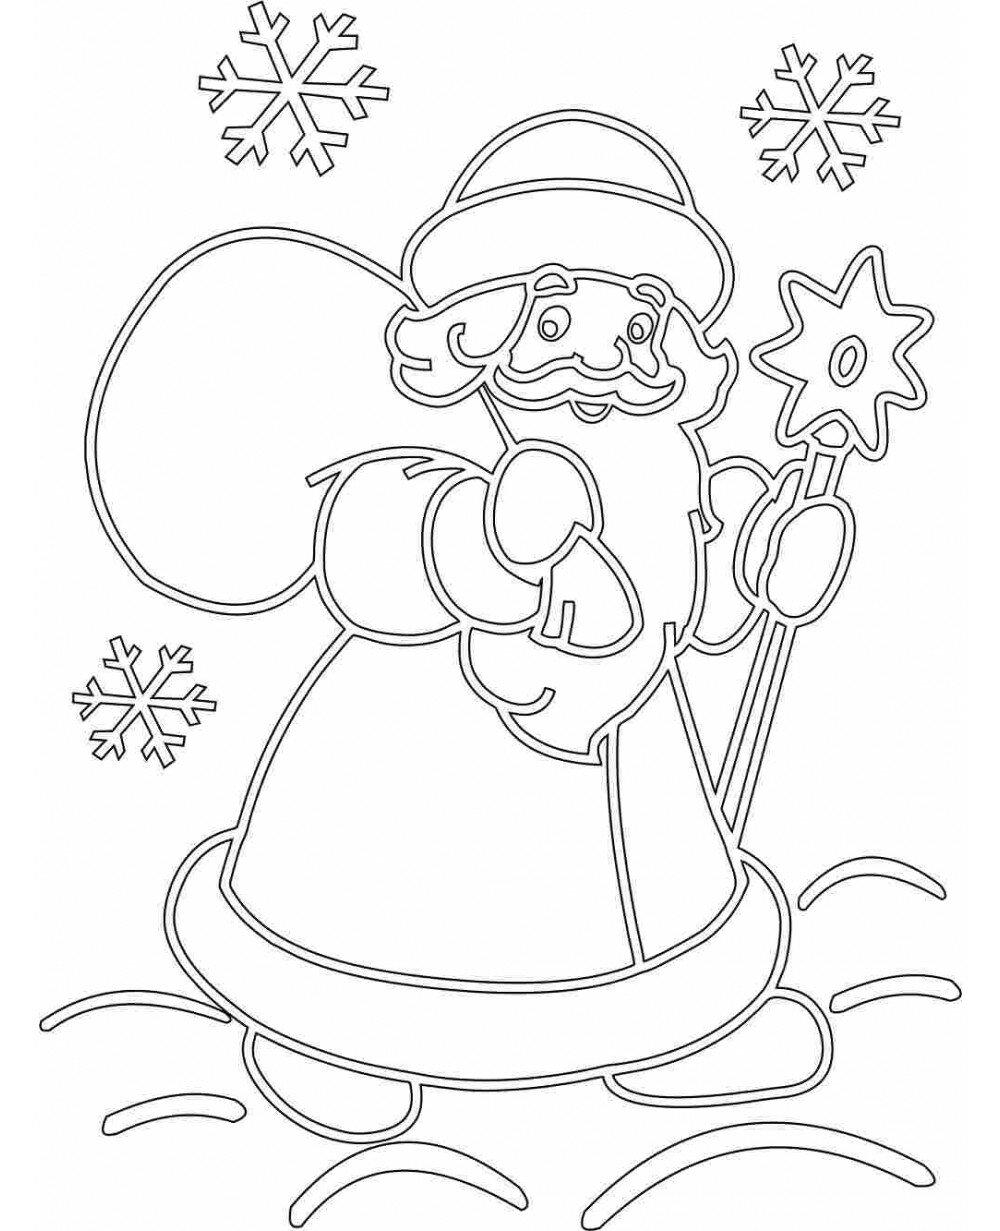 Открытку, распечатать картинки к новому году на окно